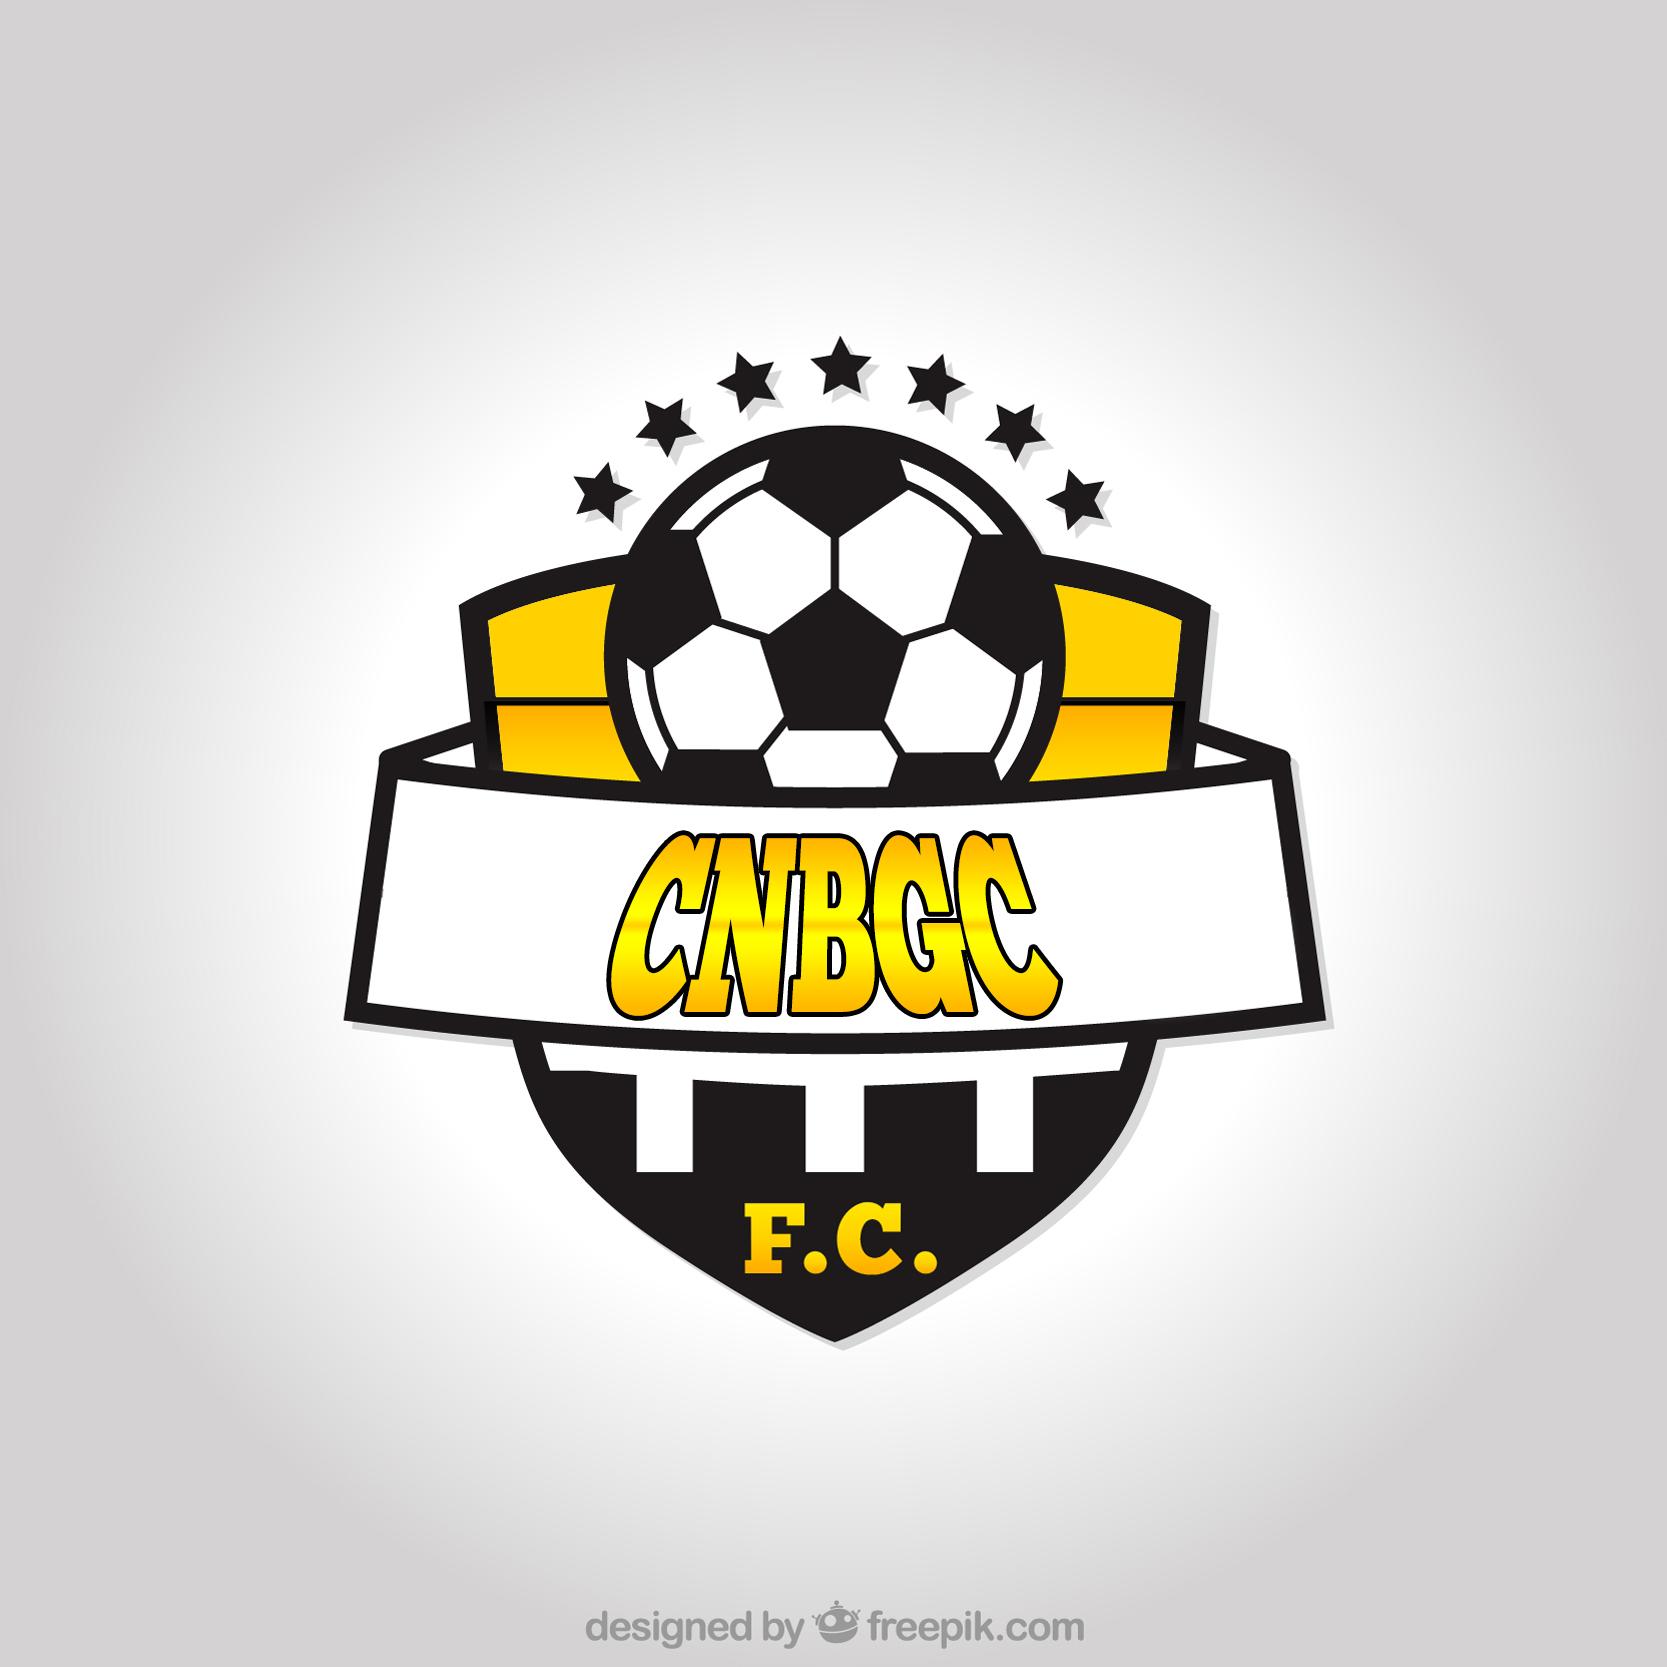 CNBGC - Echipă